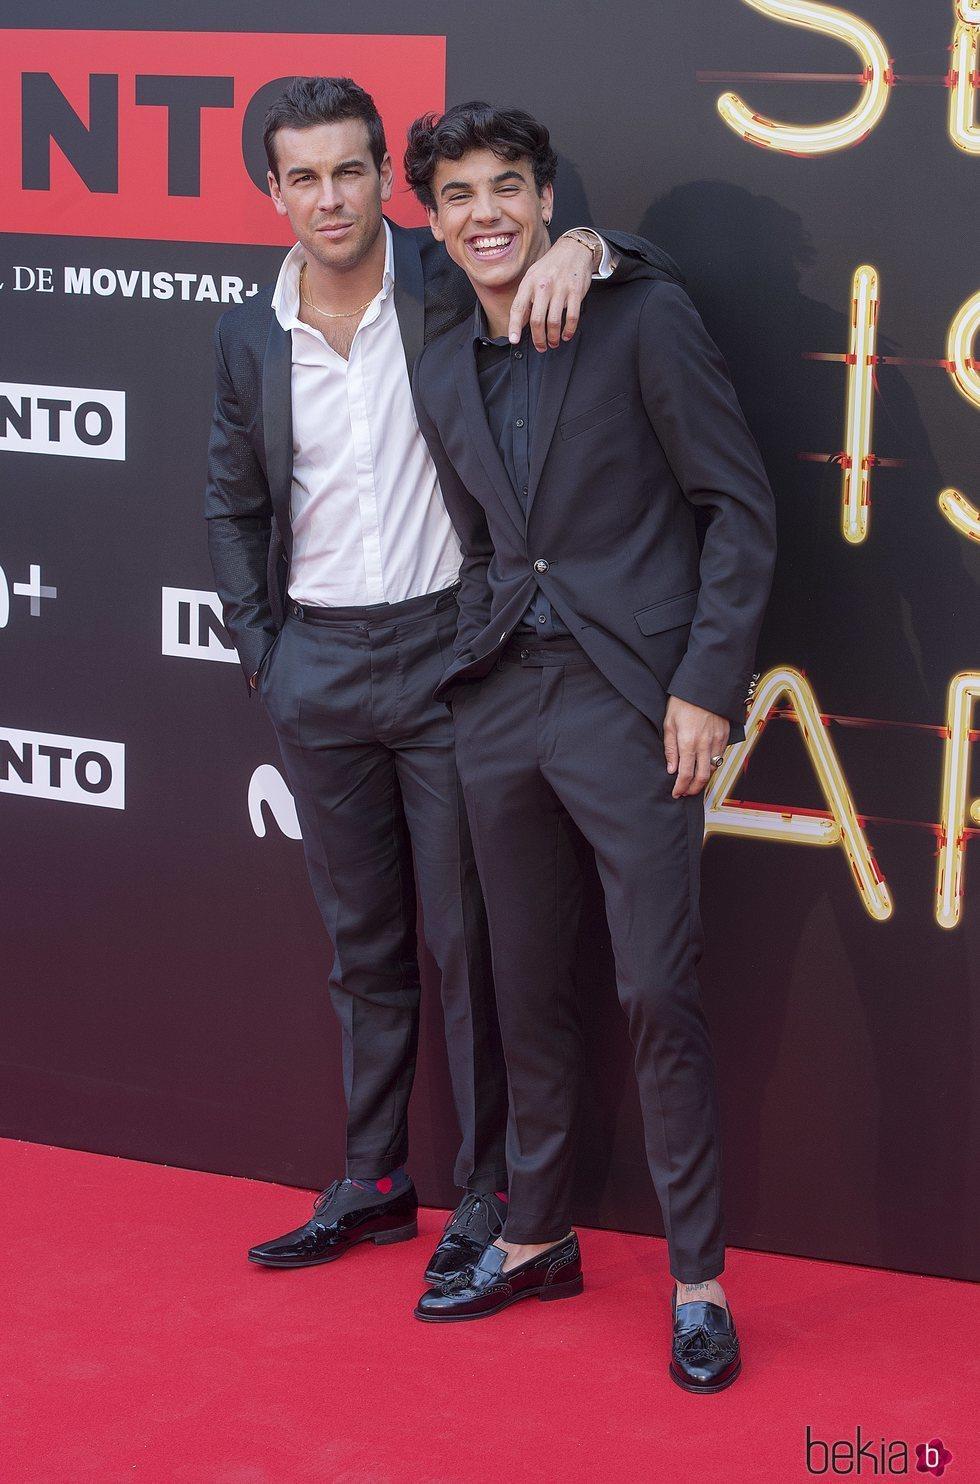 Los hermanos Casas en la premiere de la serie 'Instinto'